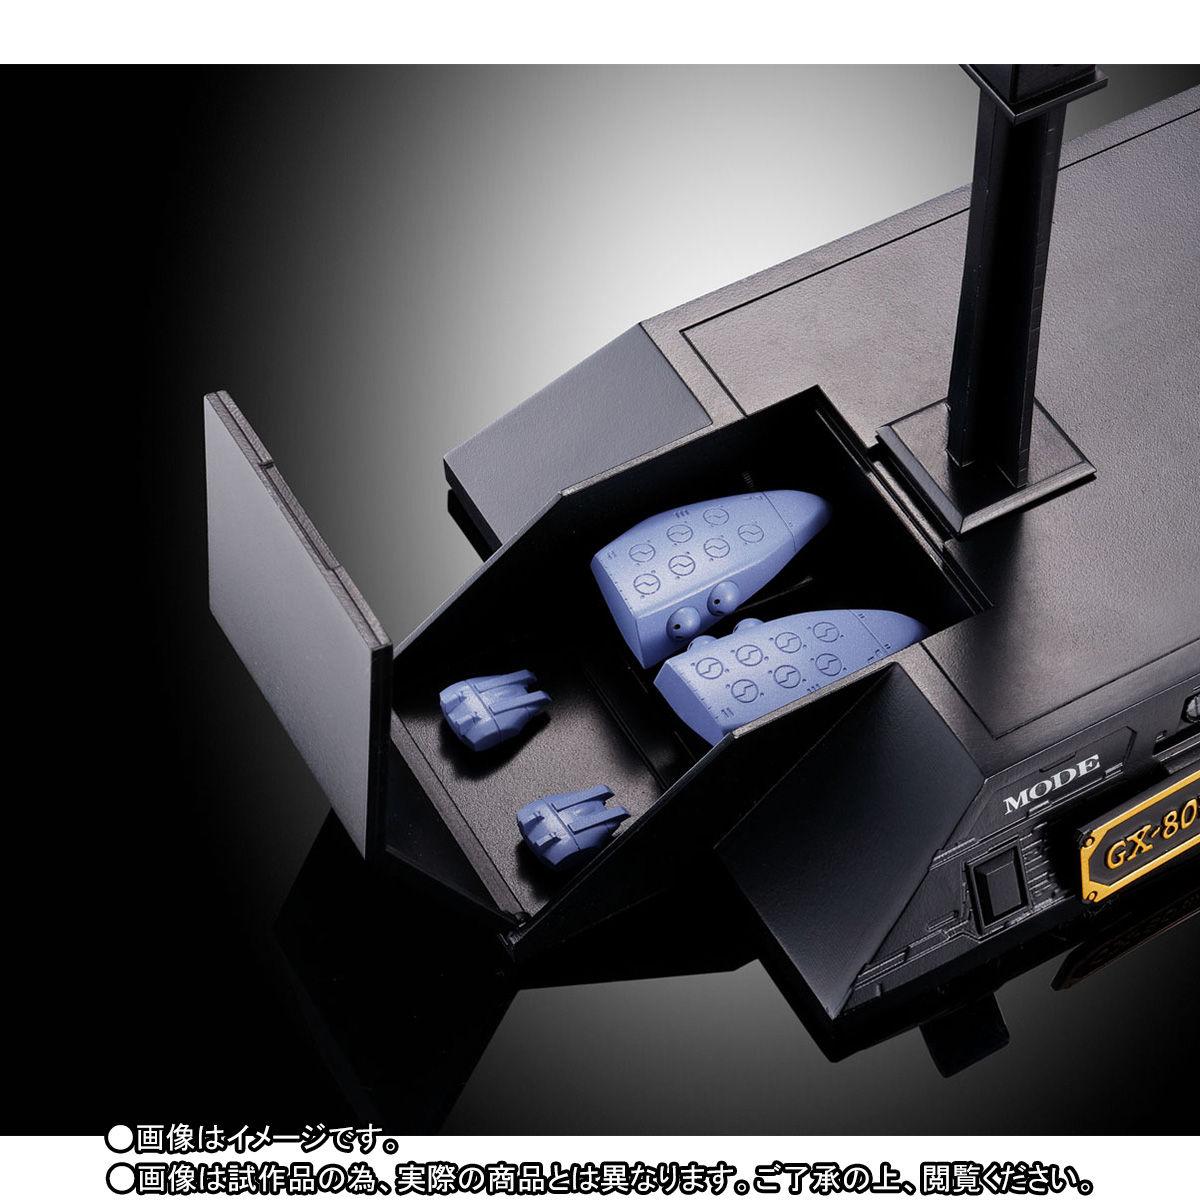 超合金魂 GX-80 万能戦艦 Ν-ノーチラス号(通常版)-009